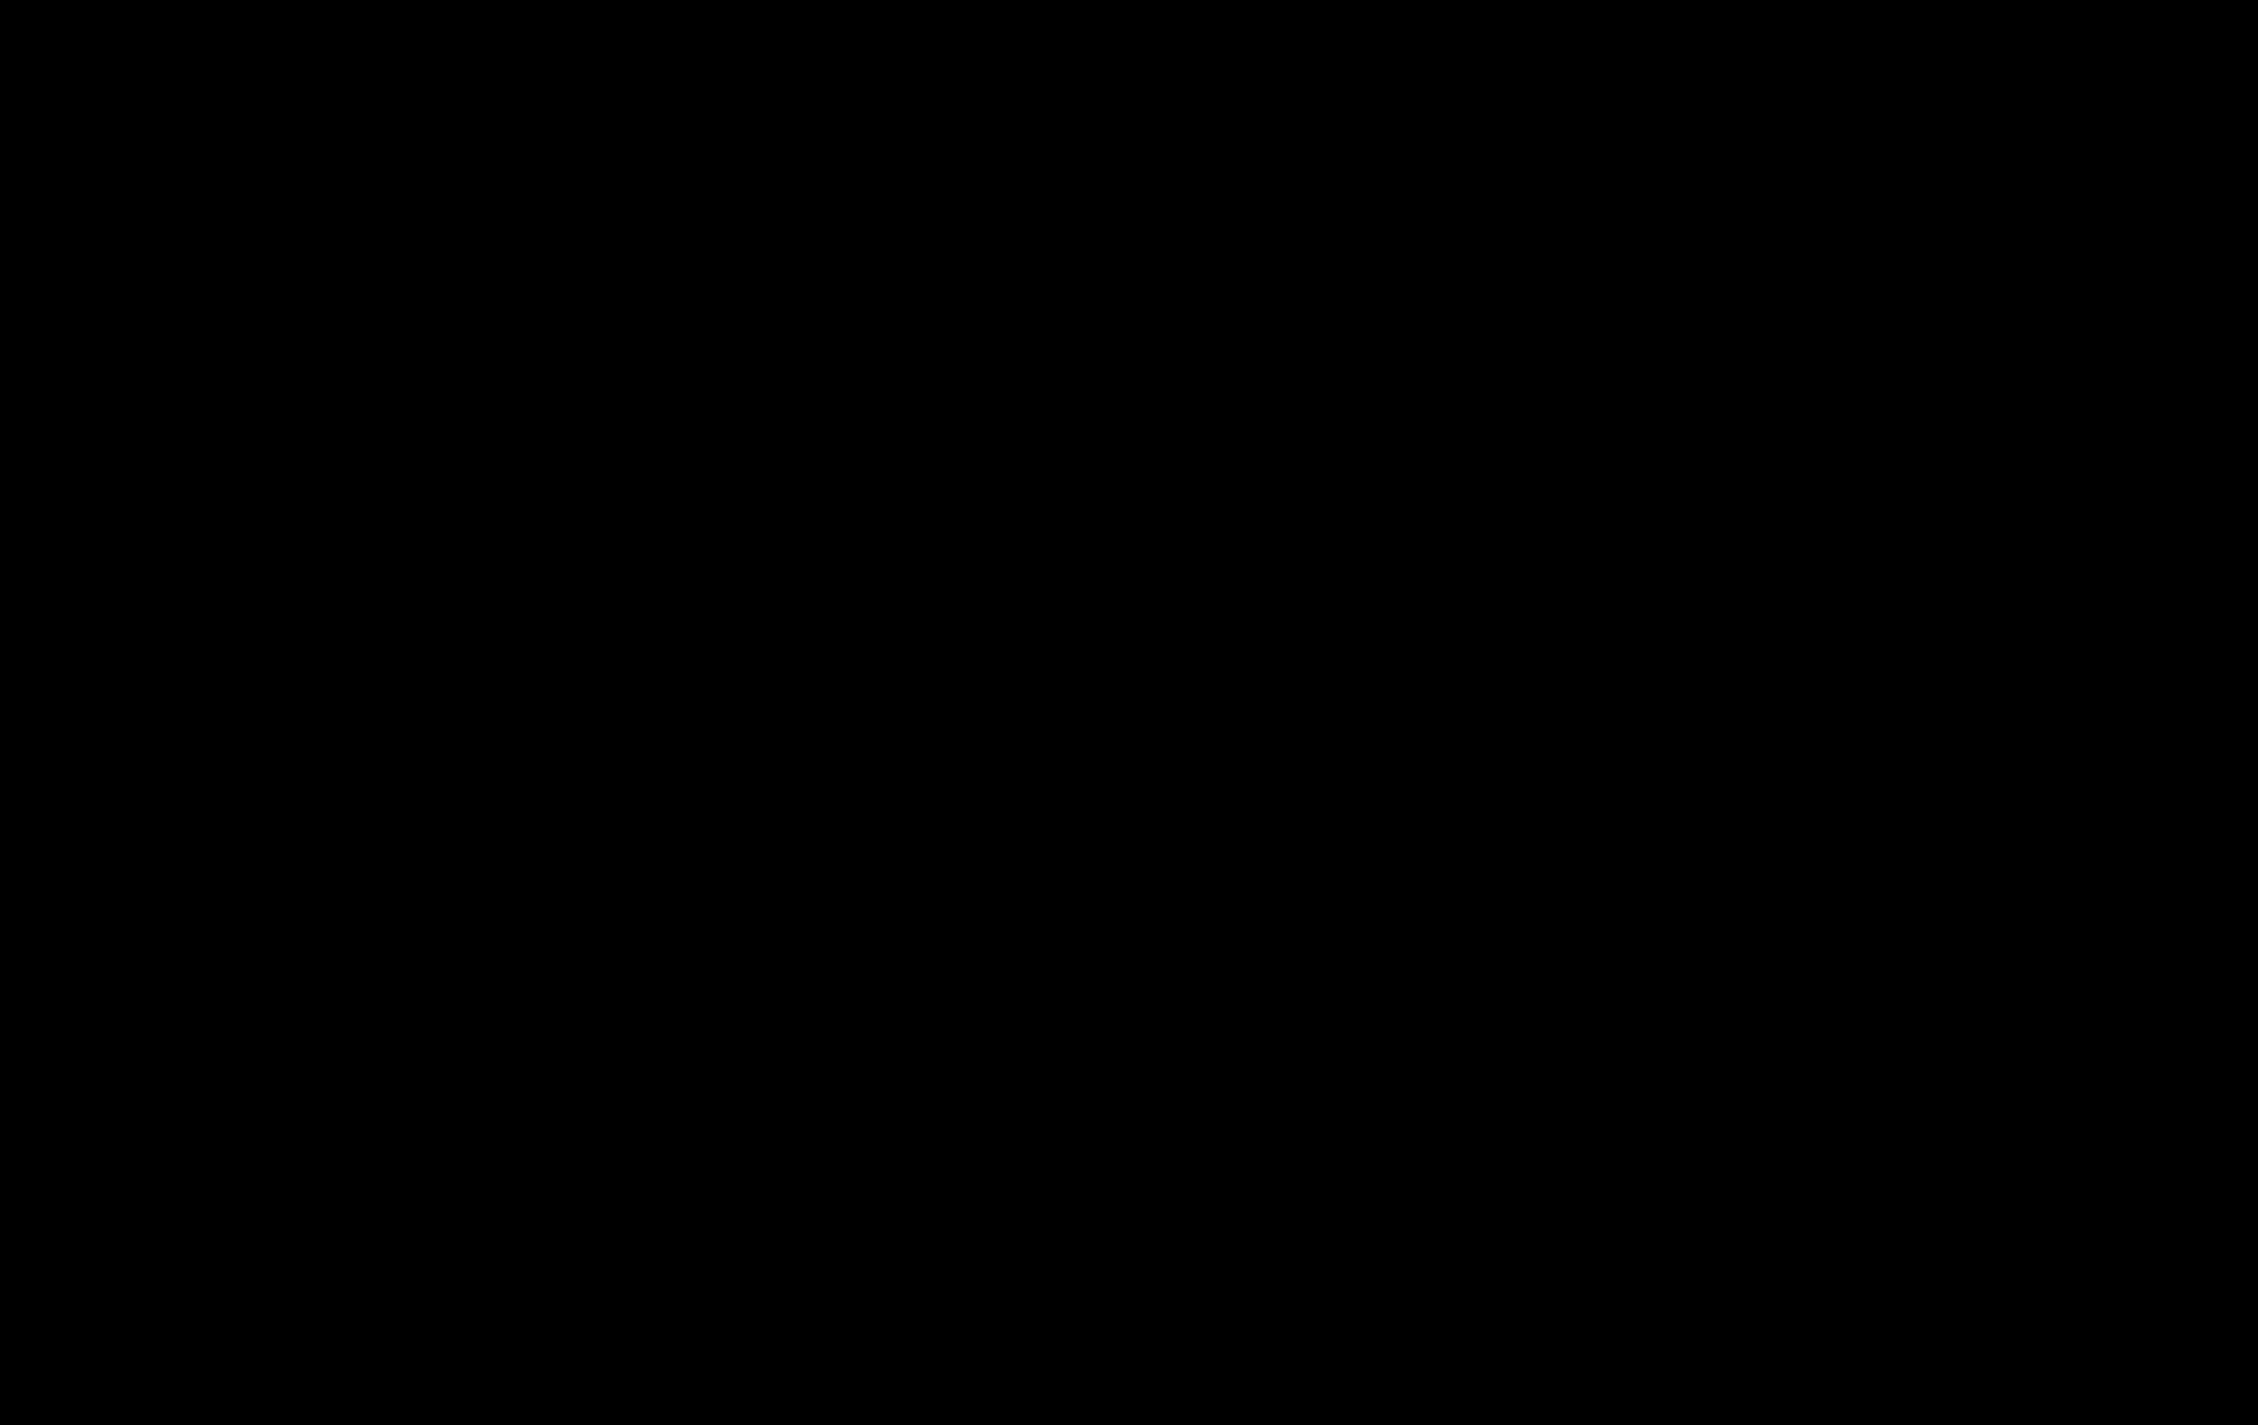 Clipart - Dragon Silhouette